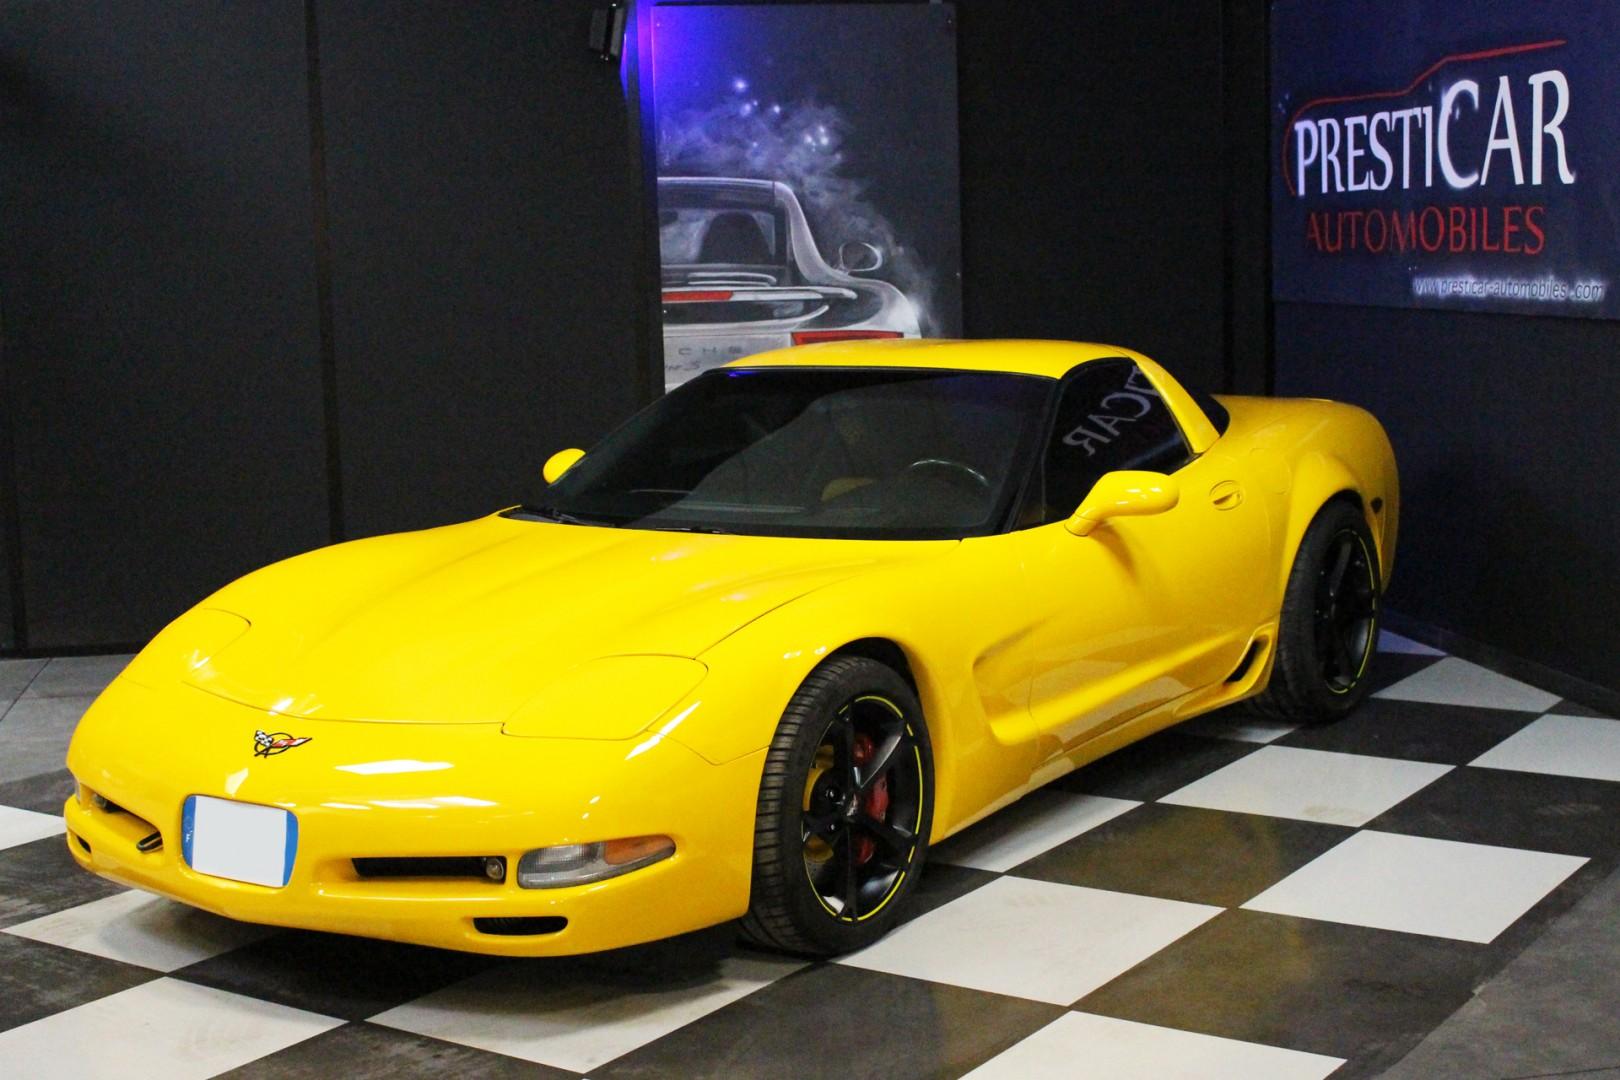 chevrolet corvette c5 v8 5 7 ls1 450ch targa presticar automobiles. Black Bedroom Furniture Sets. Home Design Ideas